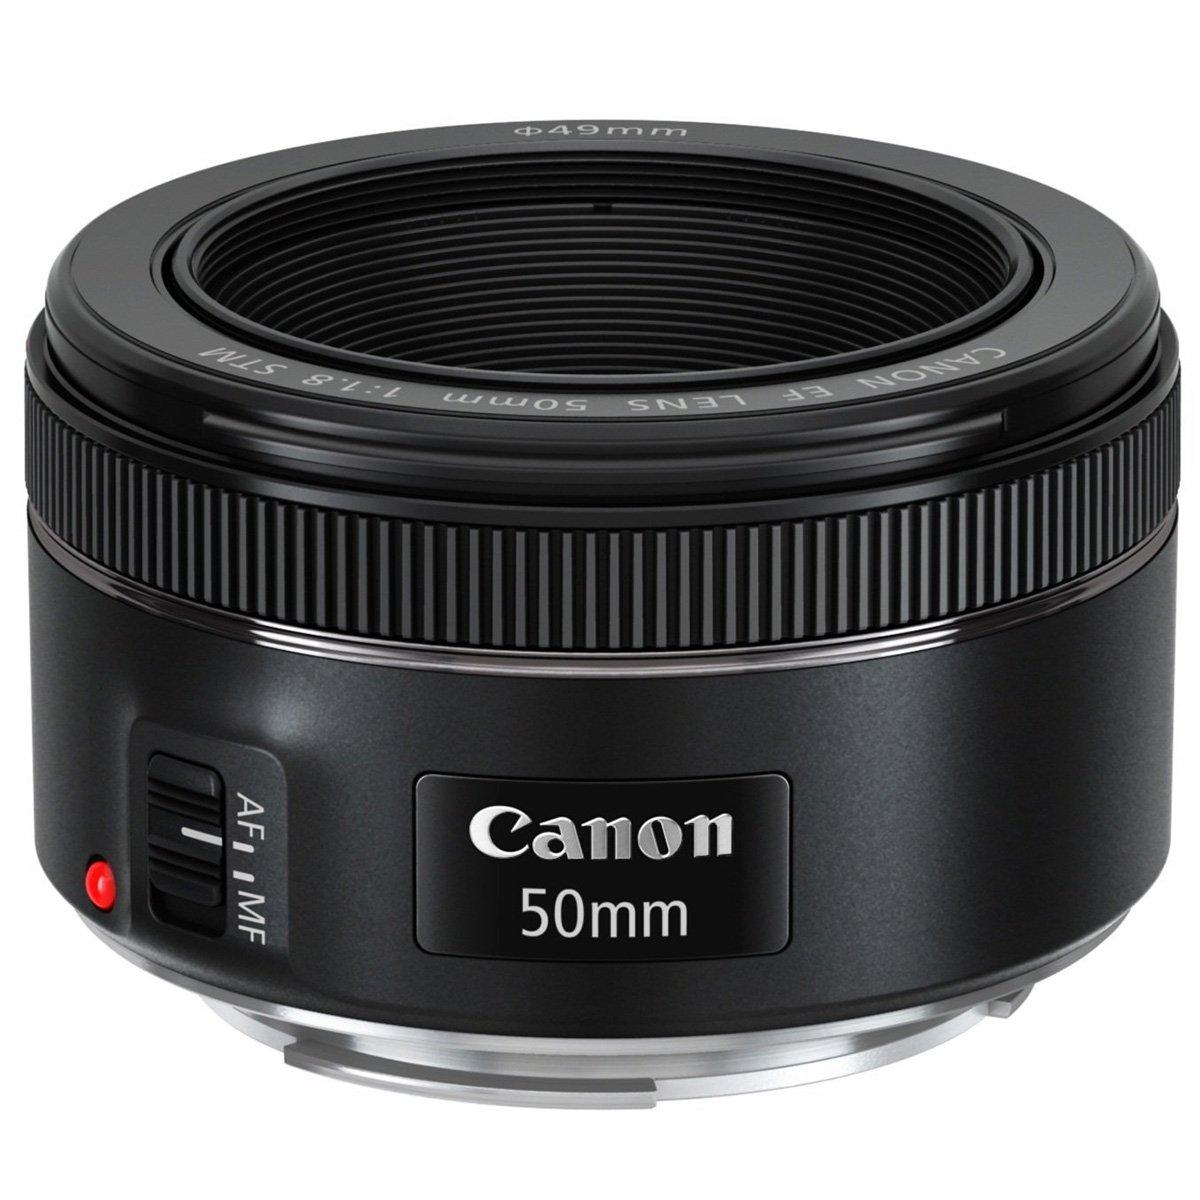 Ef 50 Mm F 1.8 Stm: Canon: Amazon.es: Electrónica